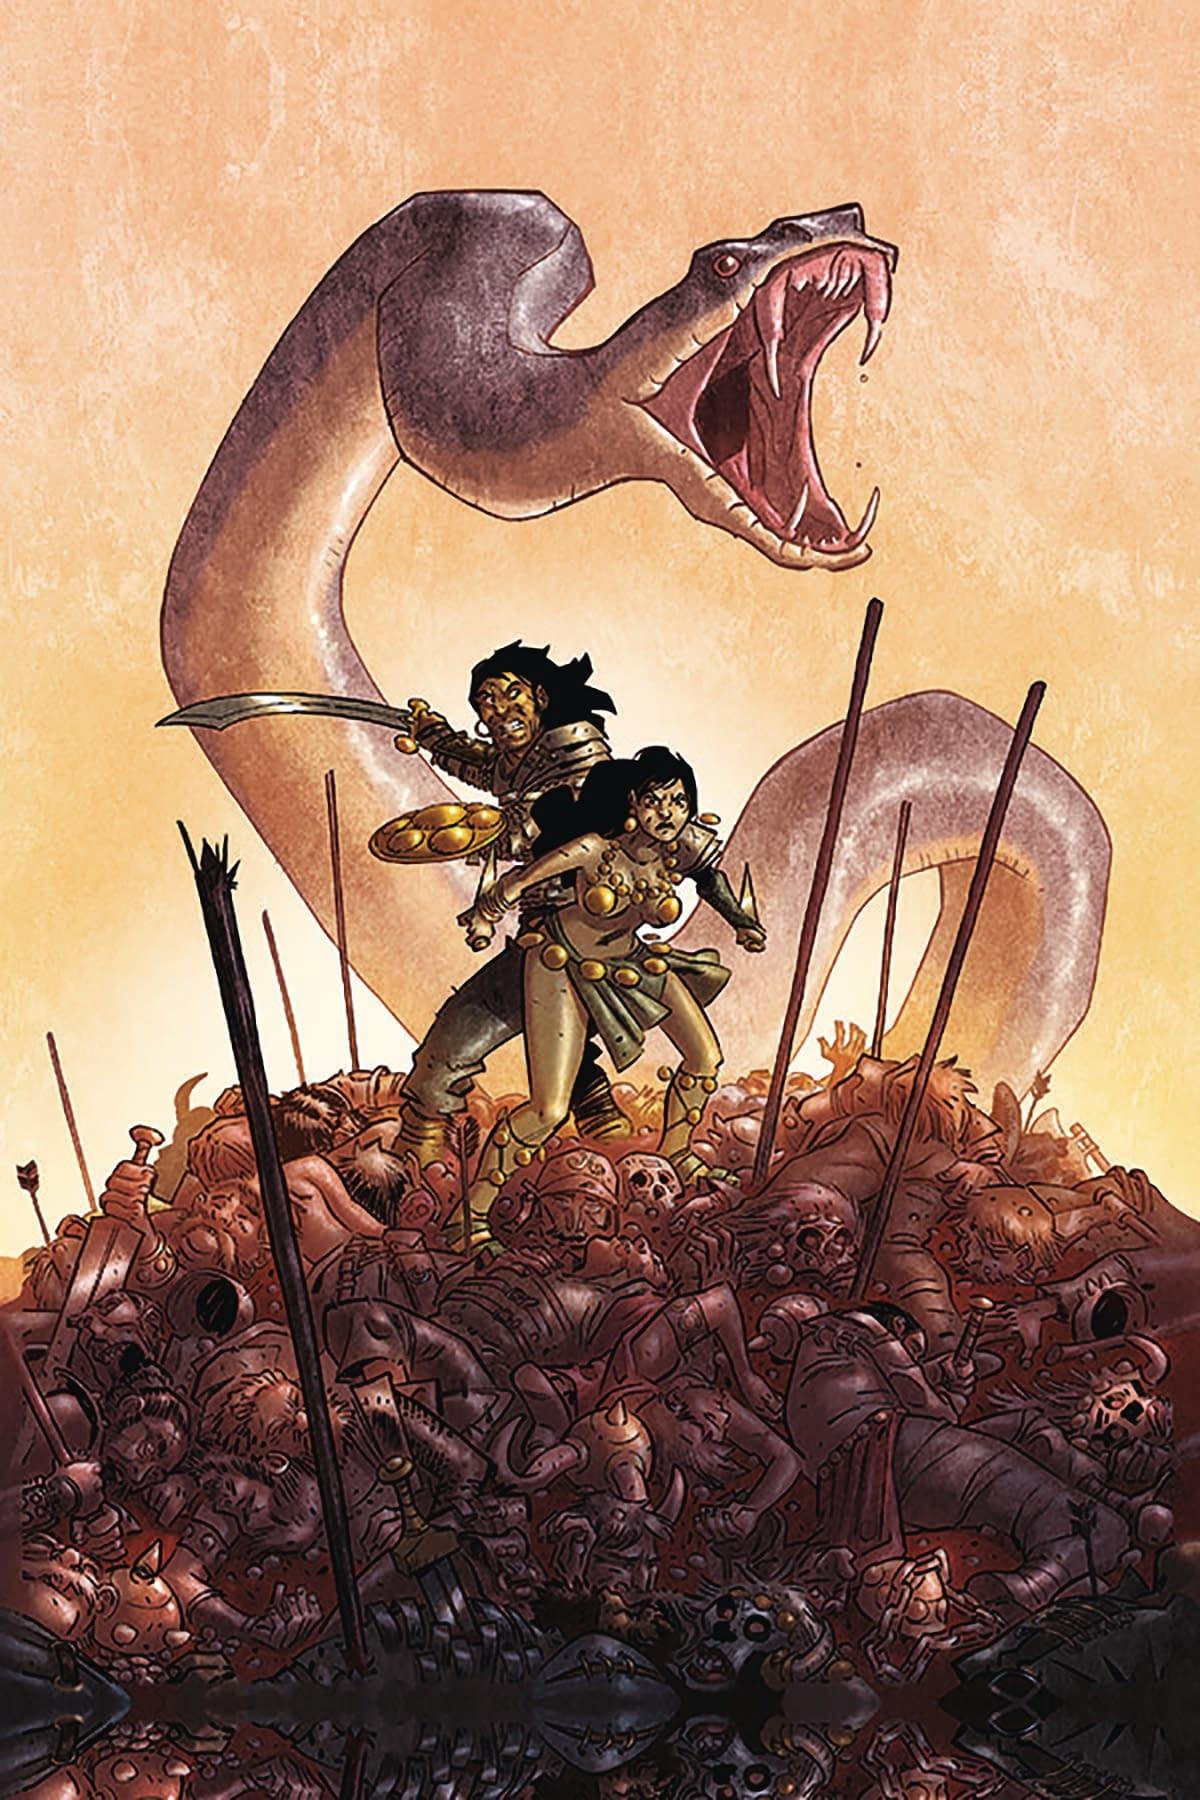 Ablaze Brings Glenat's Uncensored, Violent, Sexual Conan Comics to U.S. in October